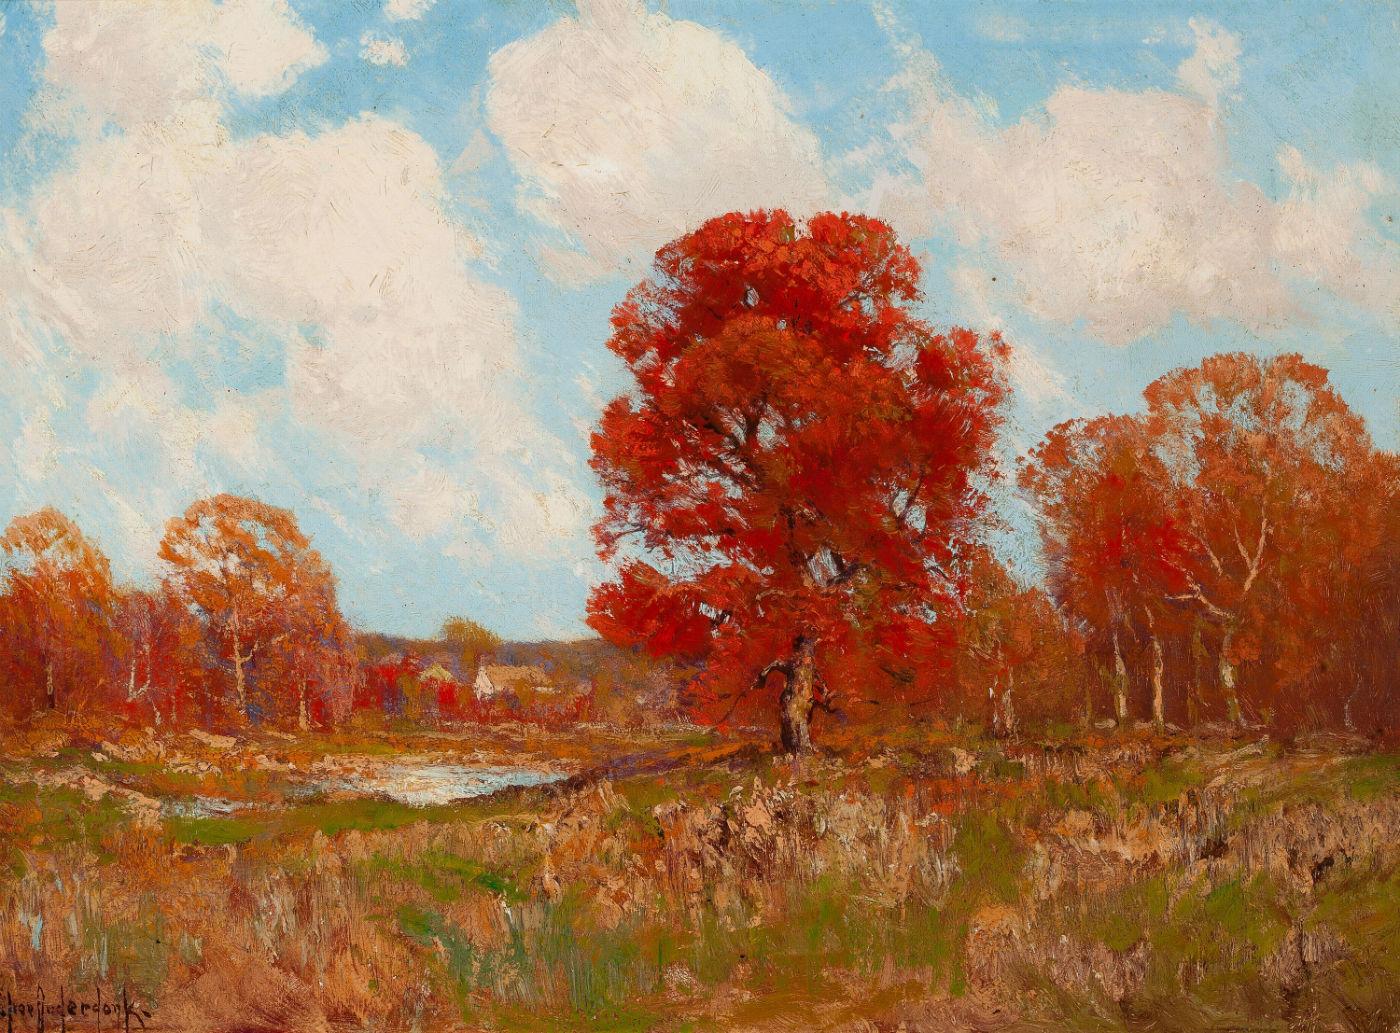 Julian_Onderdonk_-_Fall_Landscape